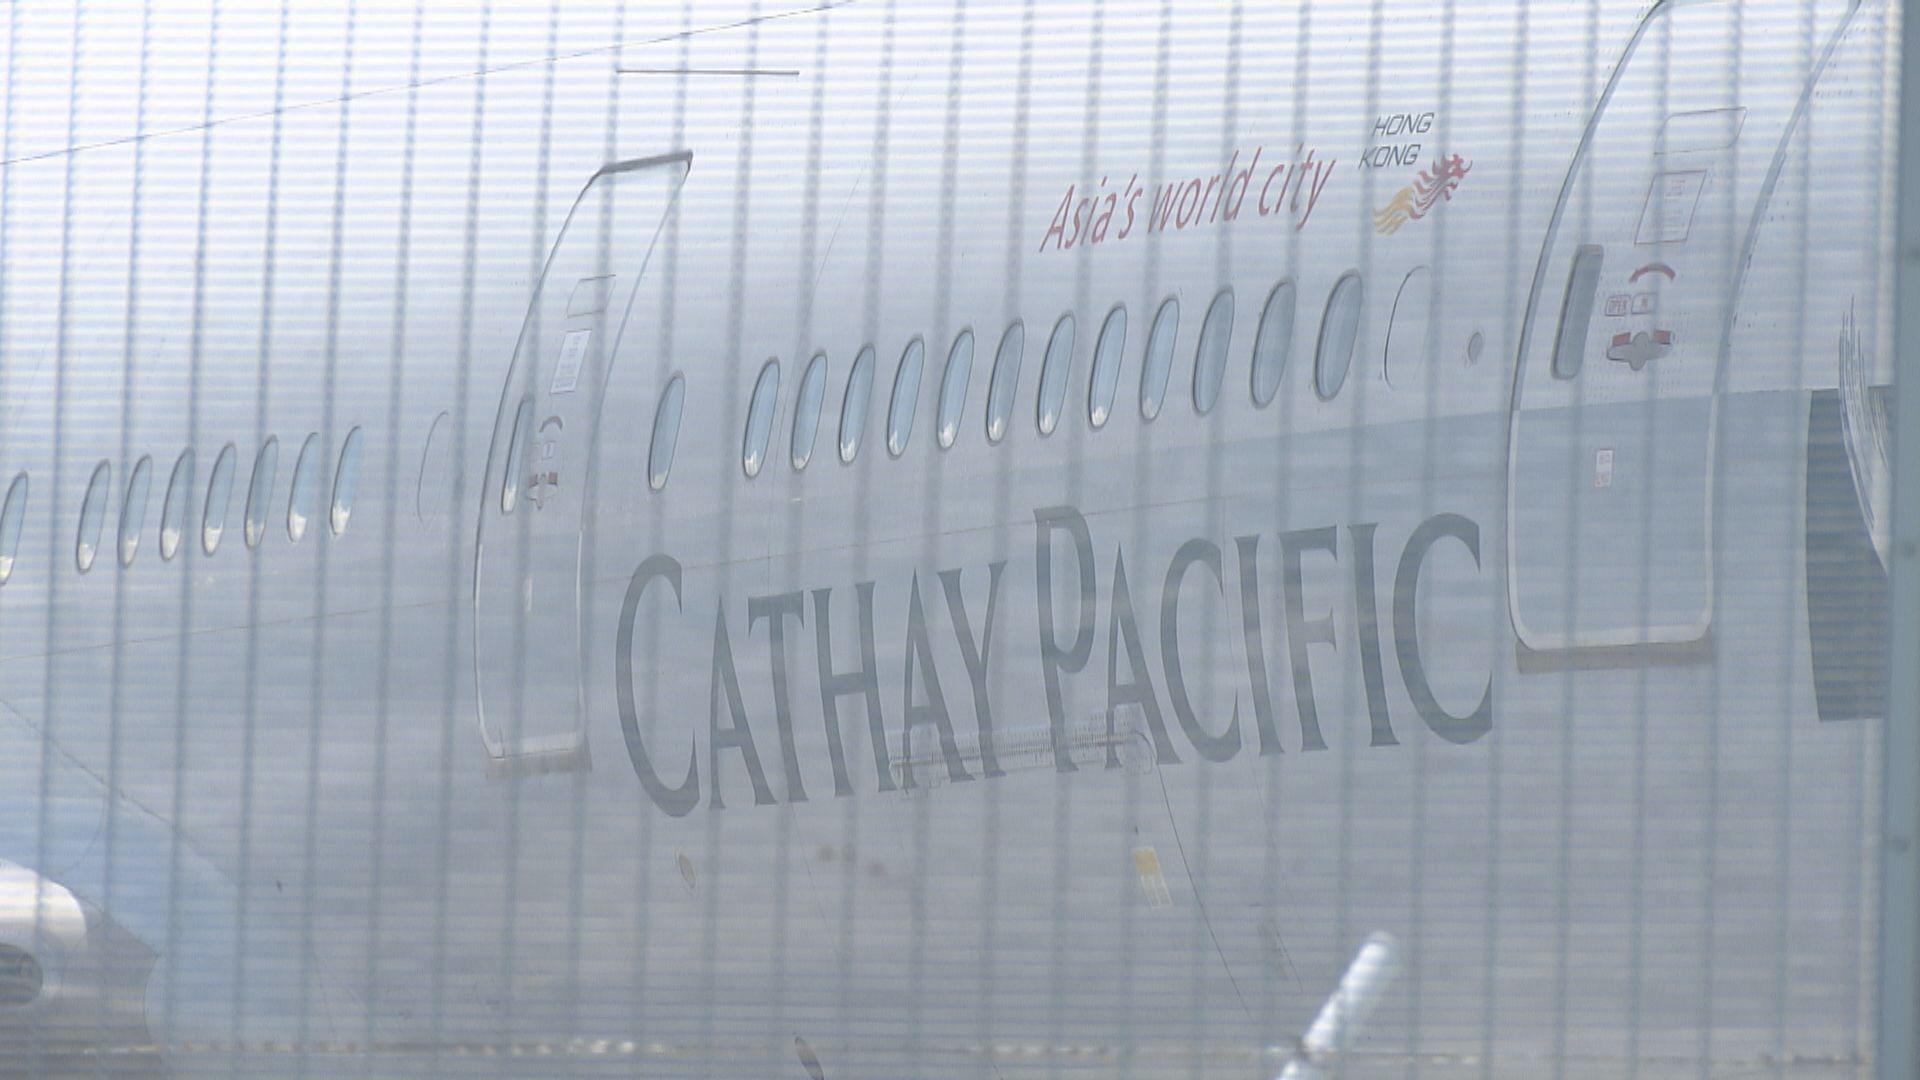 消息:國泰空姐初步確診 曾到西班牙馬德里